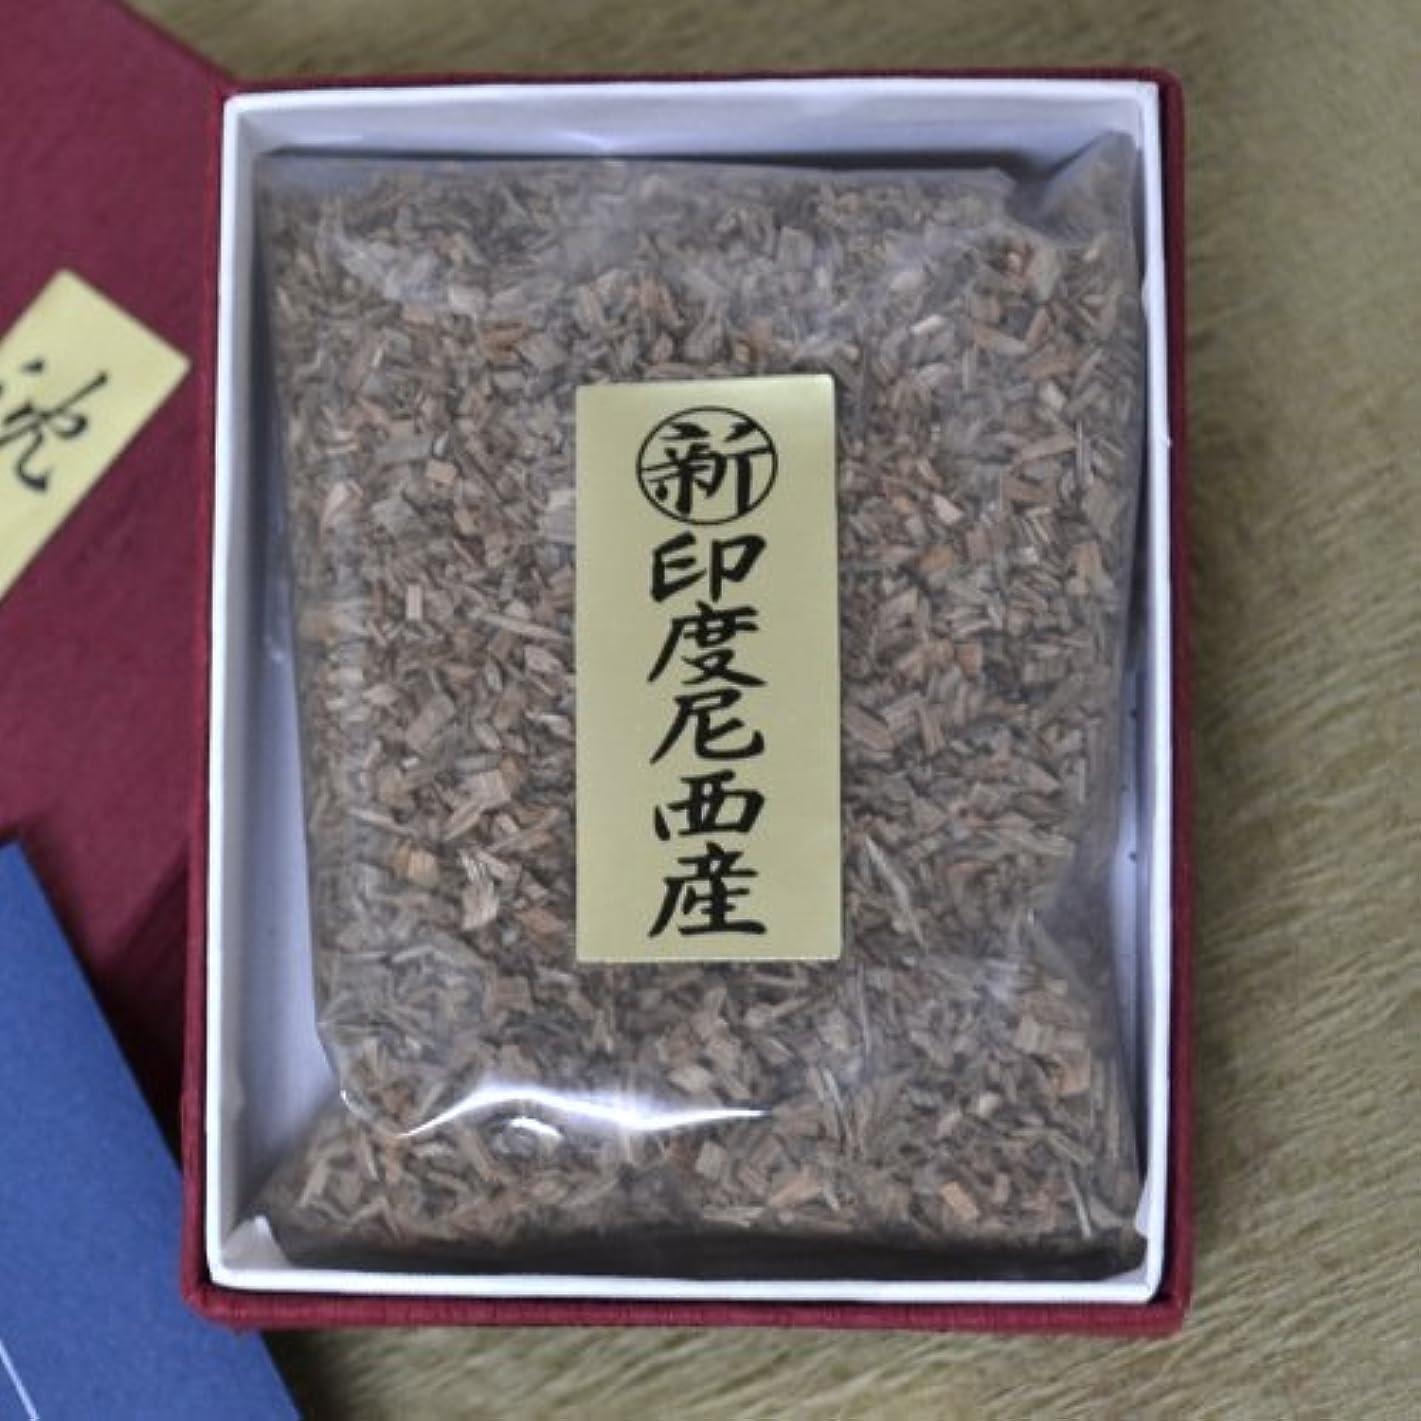 カウンタ物理的にインチ香木 お焼香 新インドネシア産 沈香 【最高級品】 18g